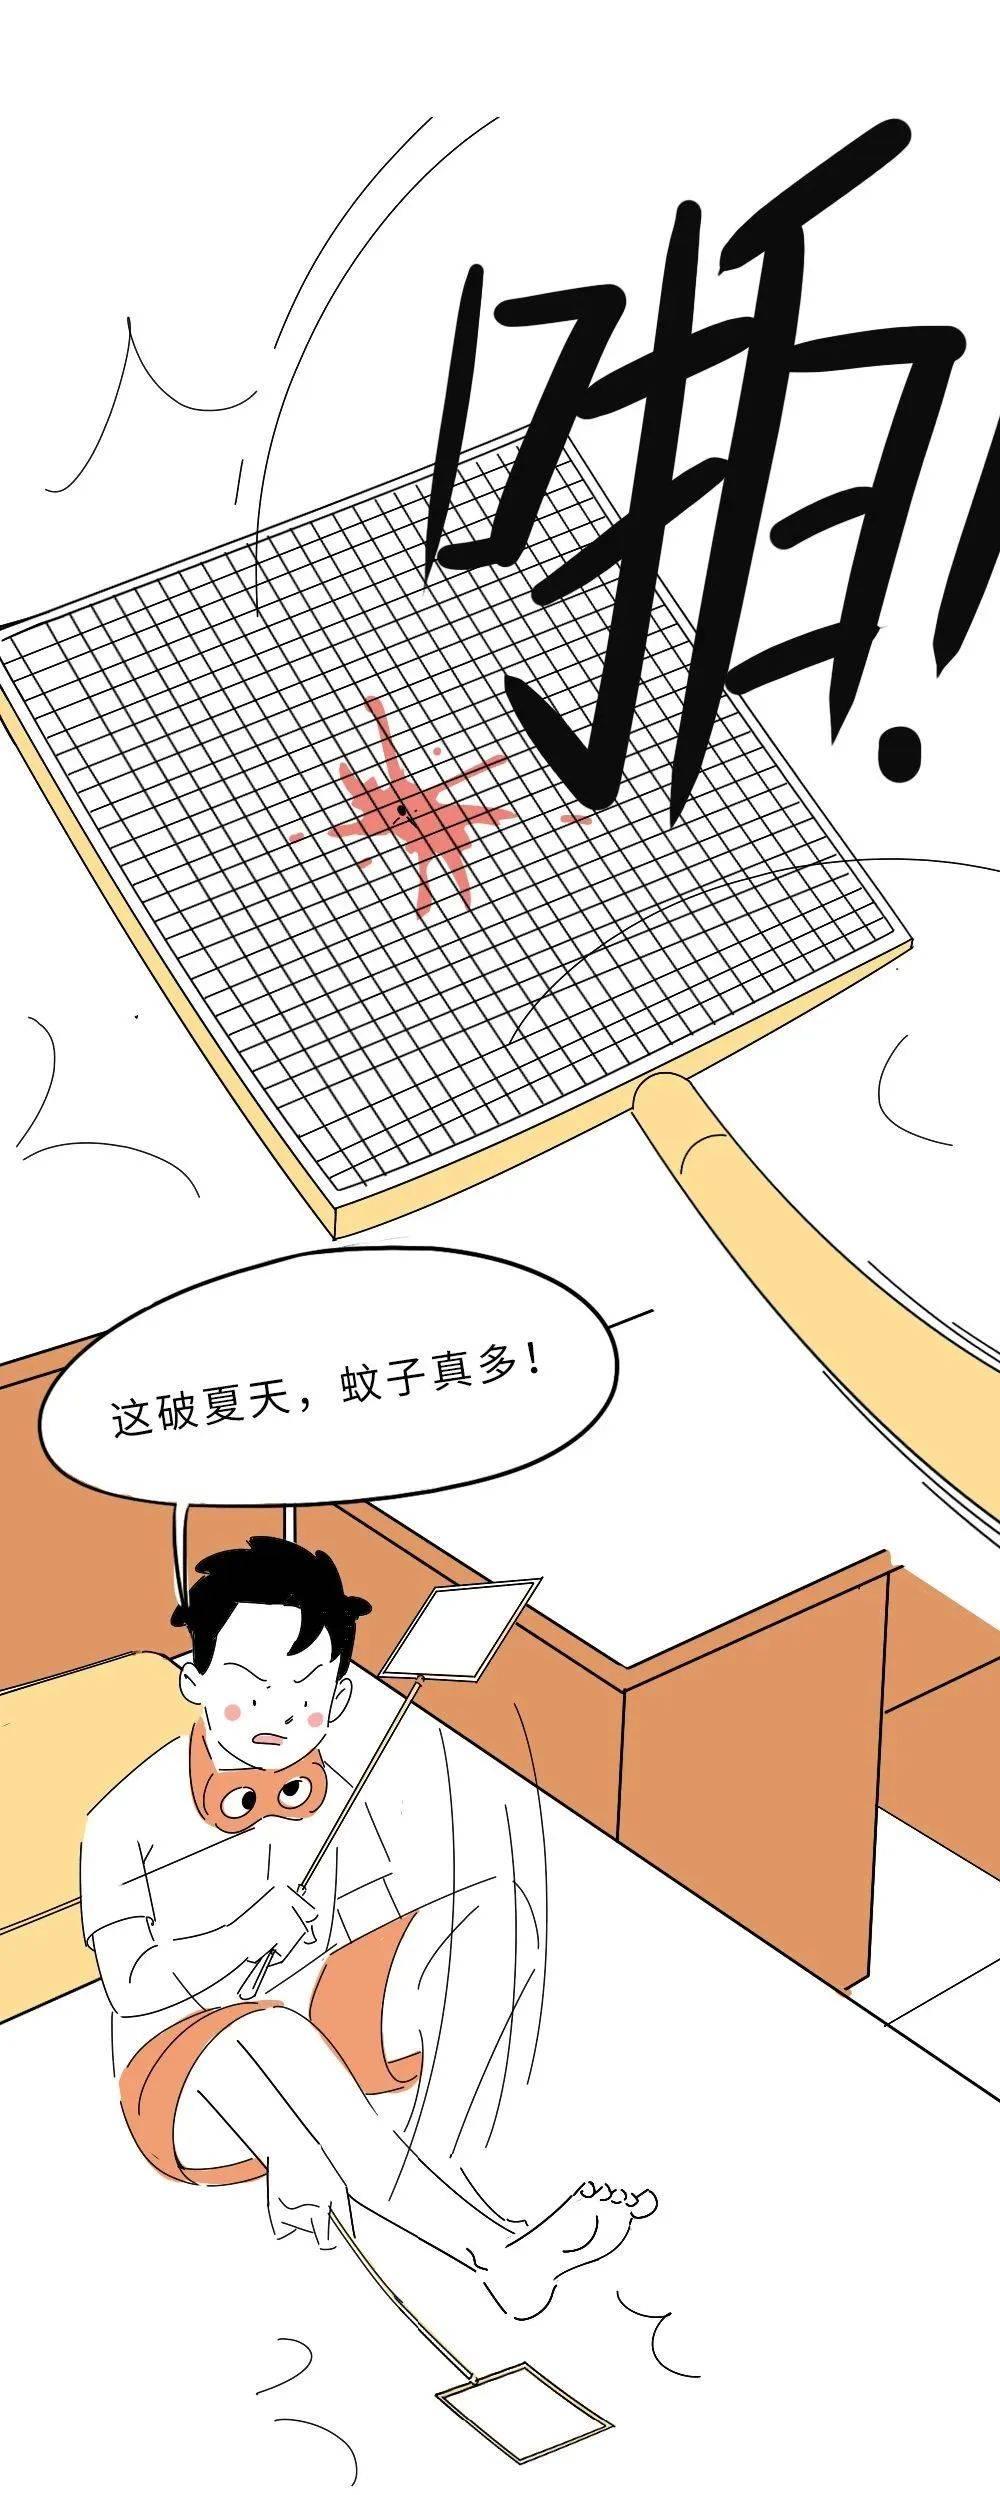 (涨知识)到底住几楼,才能没蚊子?